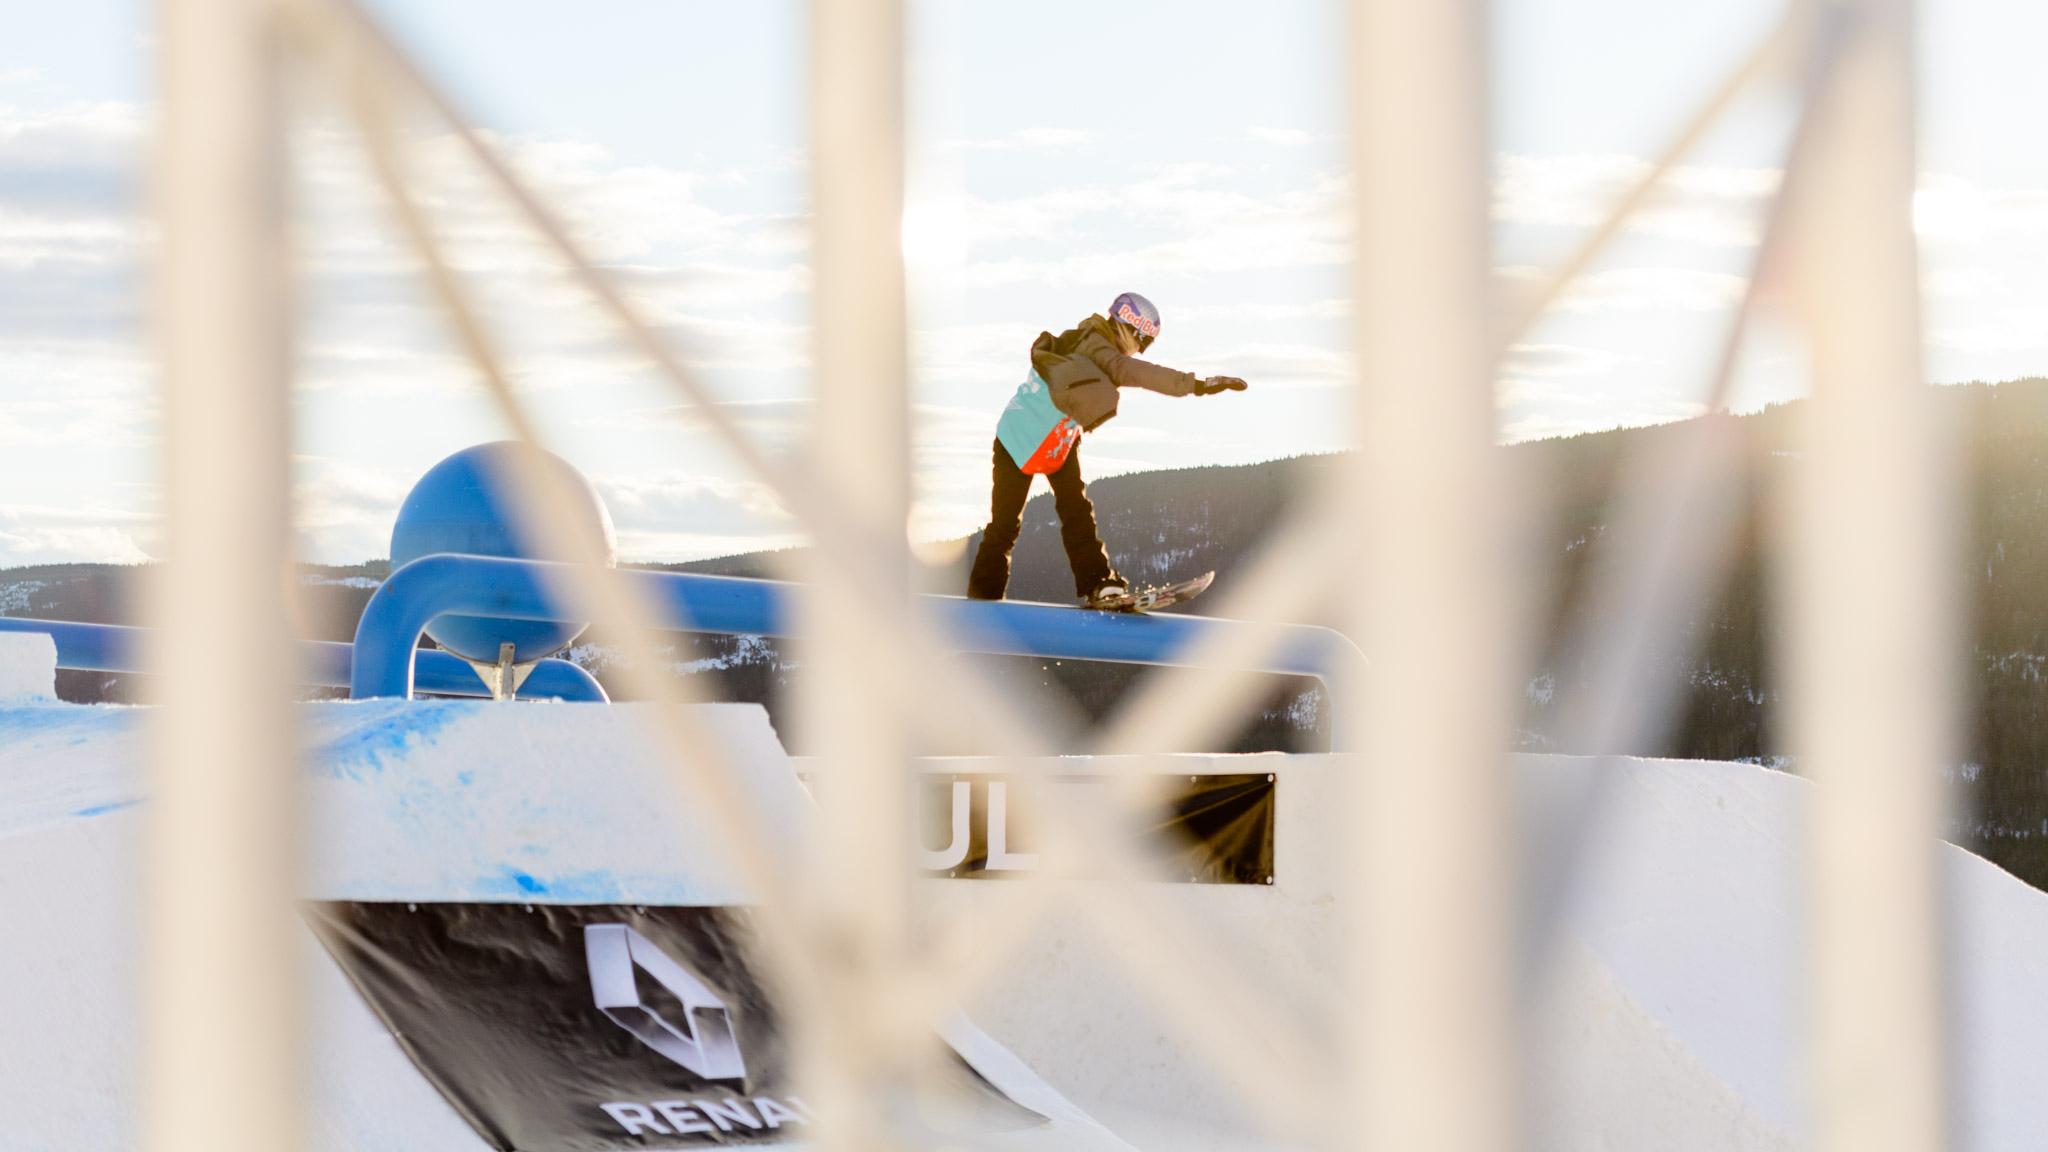 Anna Gasser, Women's Snowboard Slopestyle Finals